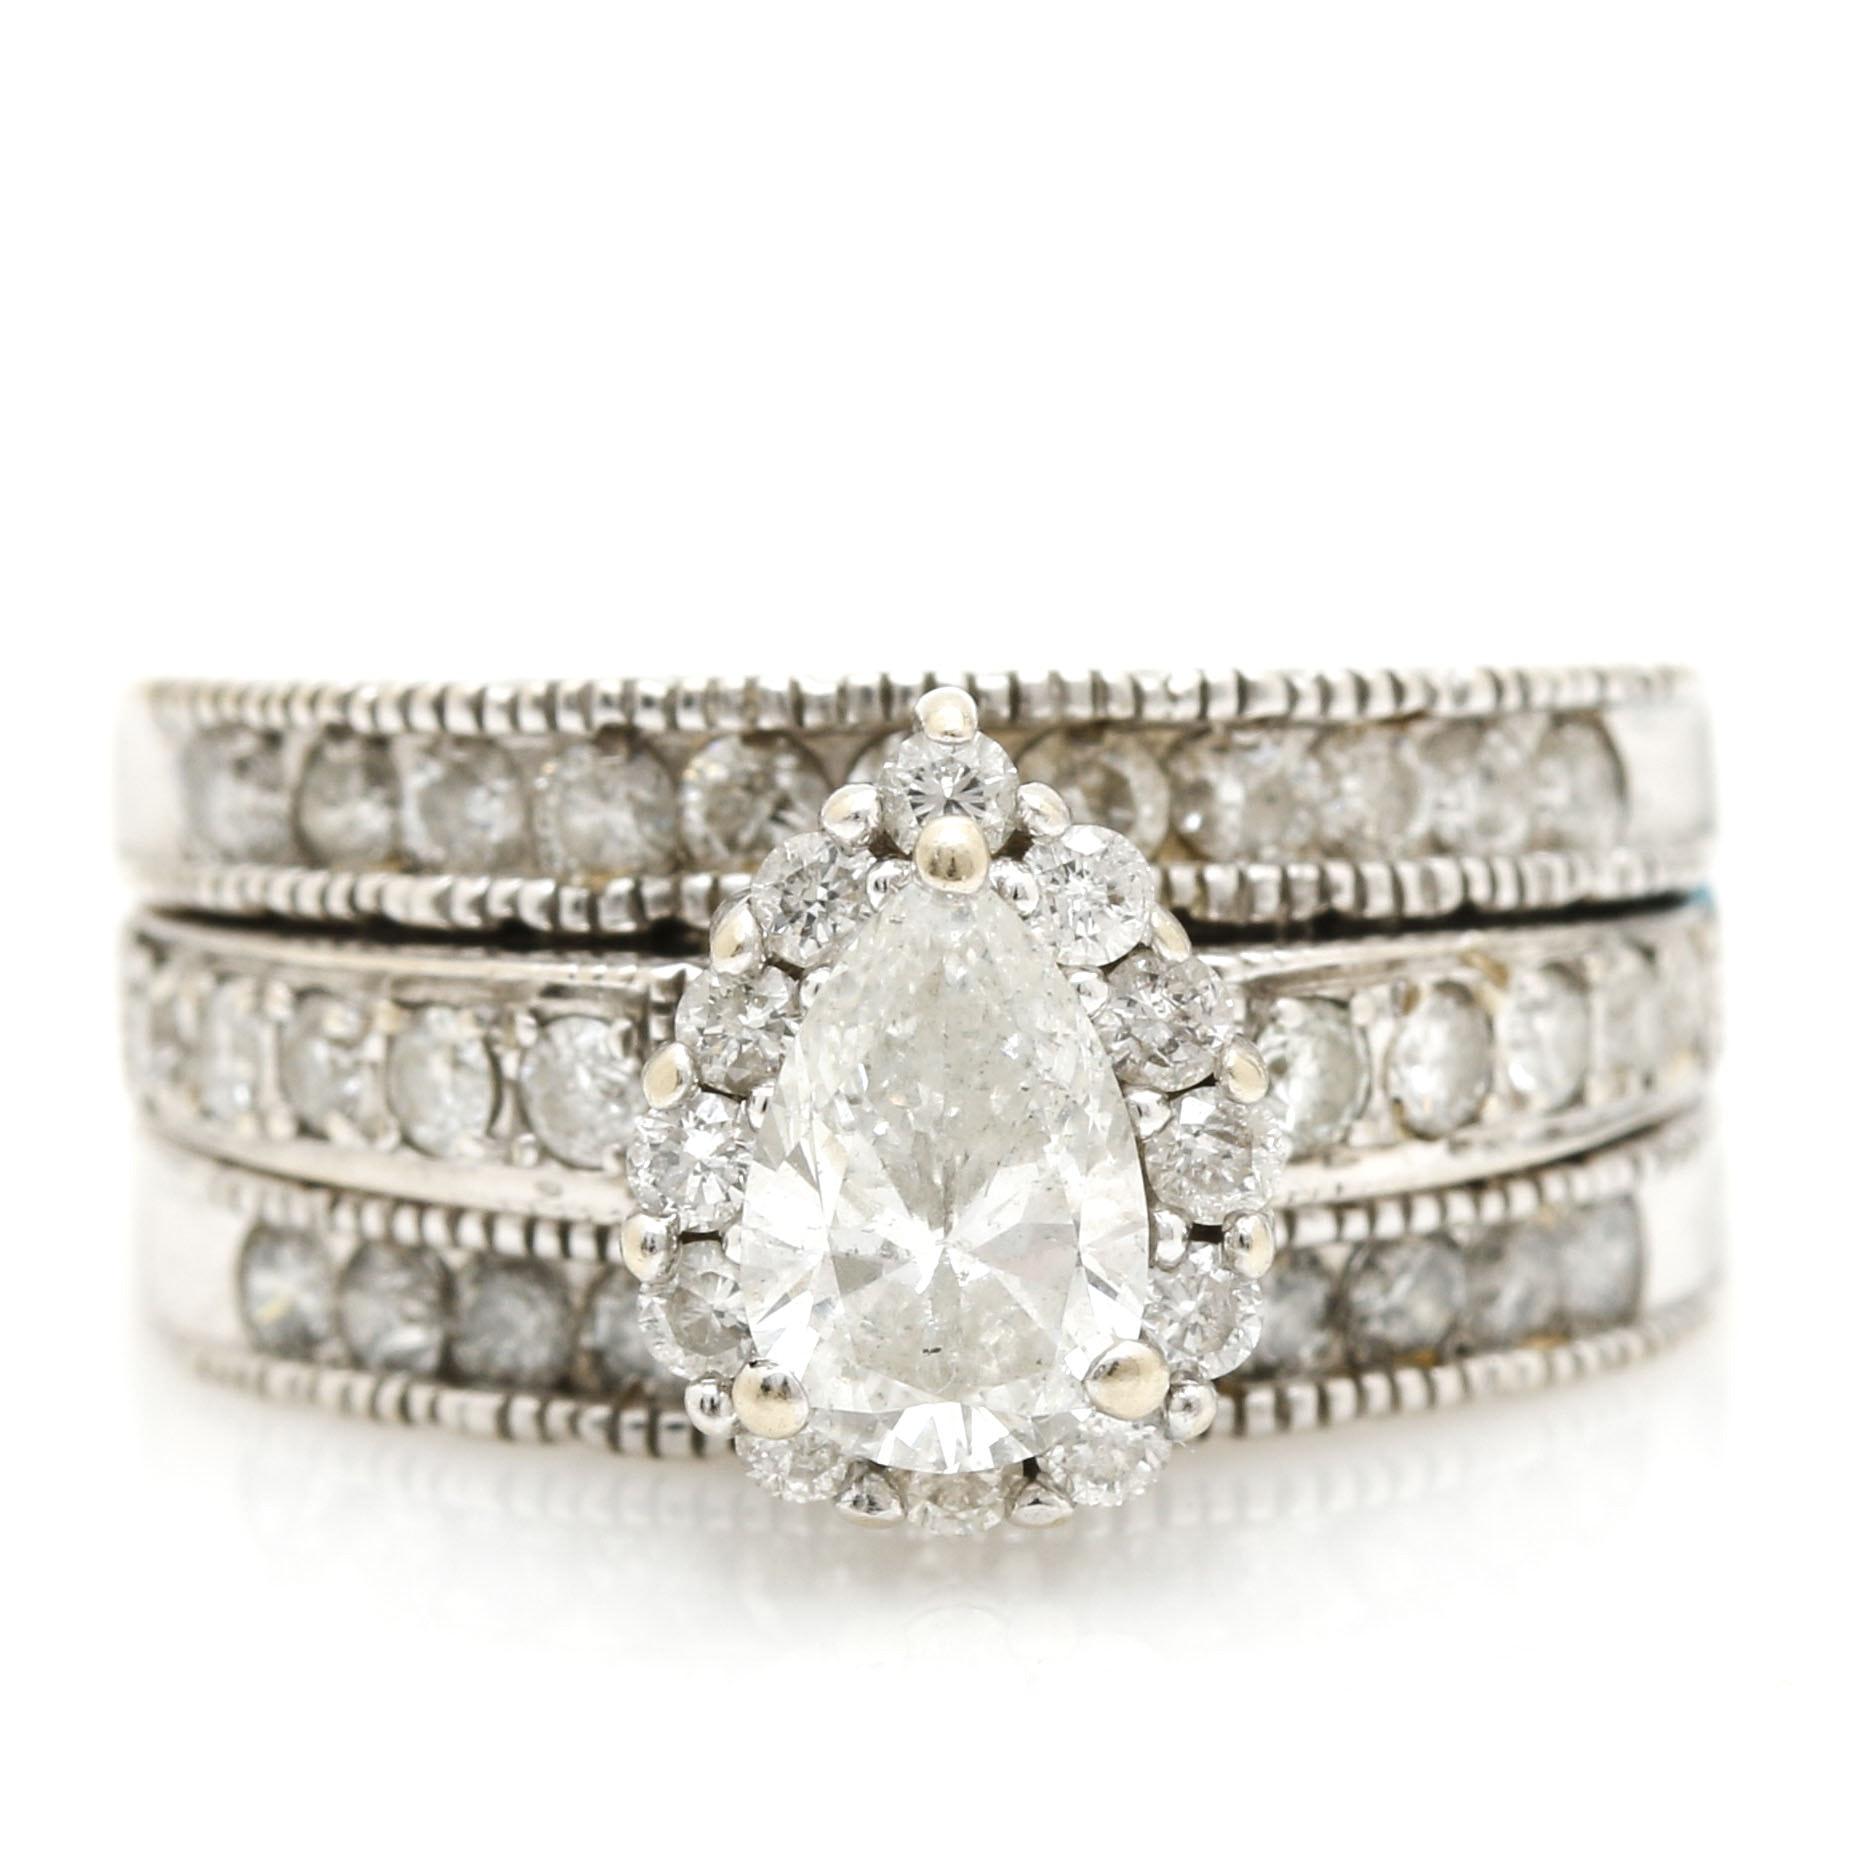 14K and 10K White Gold 1.68 CTW Diamond Wedding Set